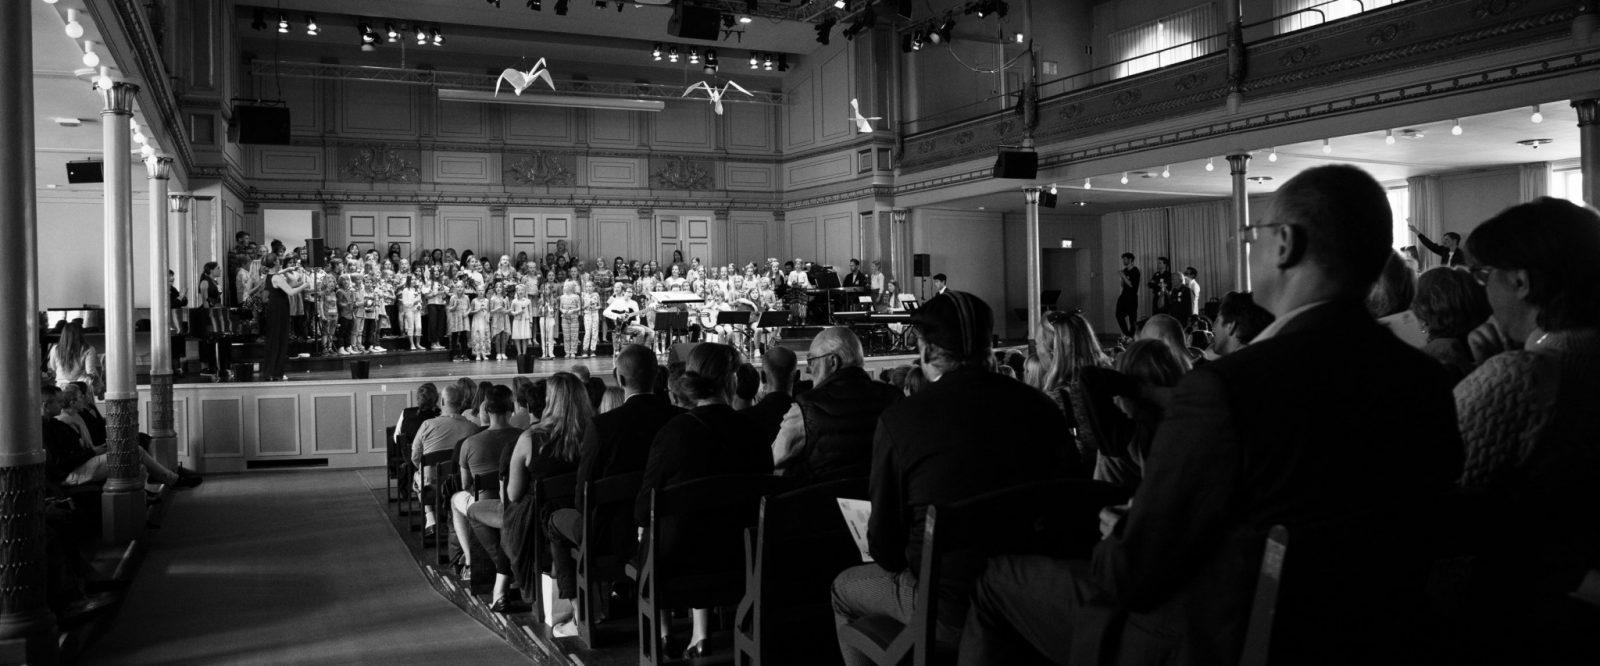 Konsert med publik i svartvitt